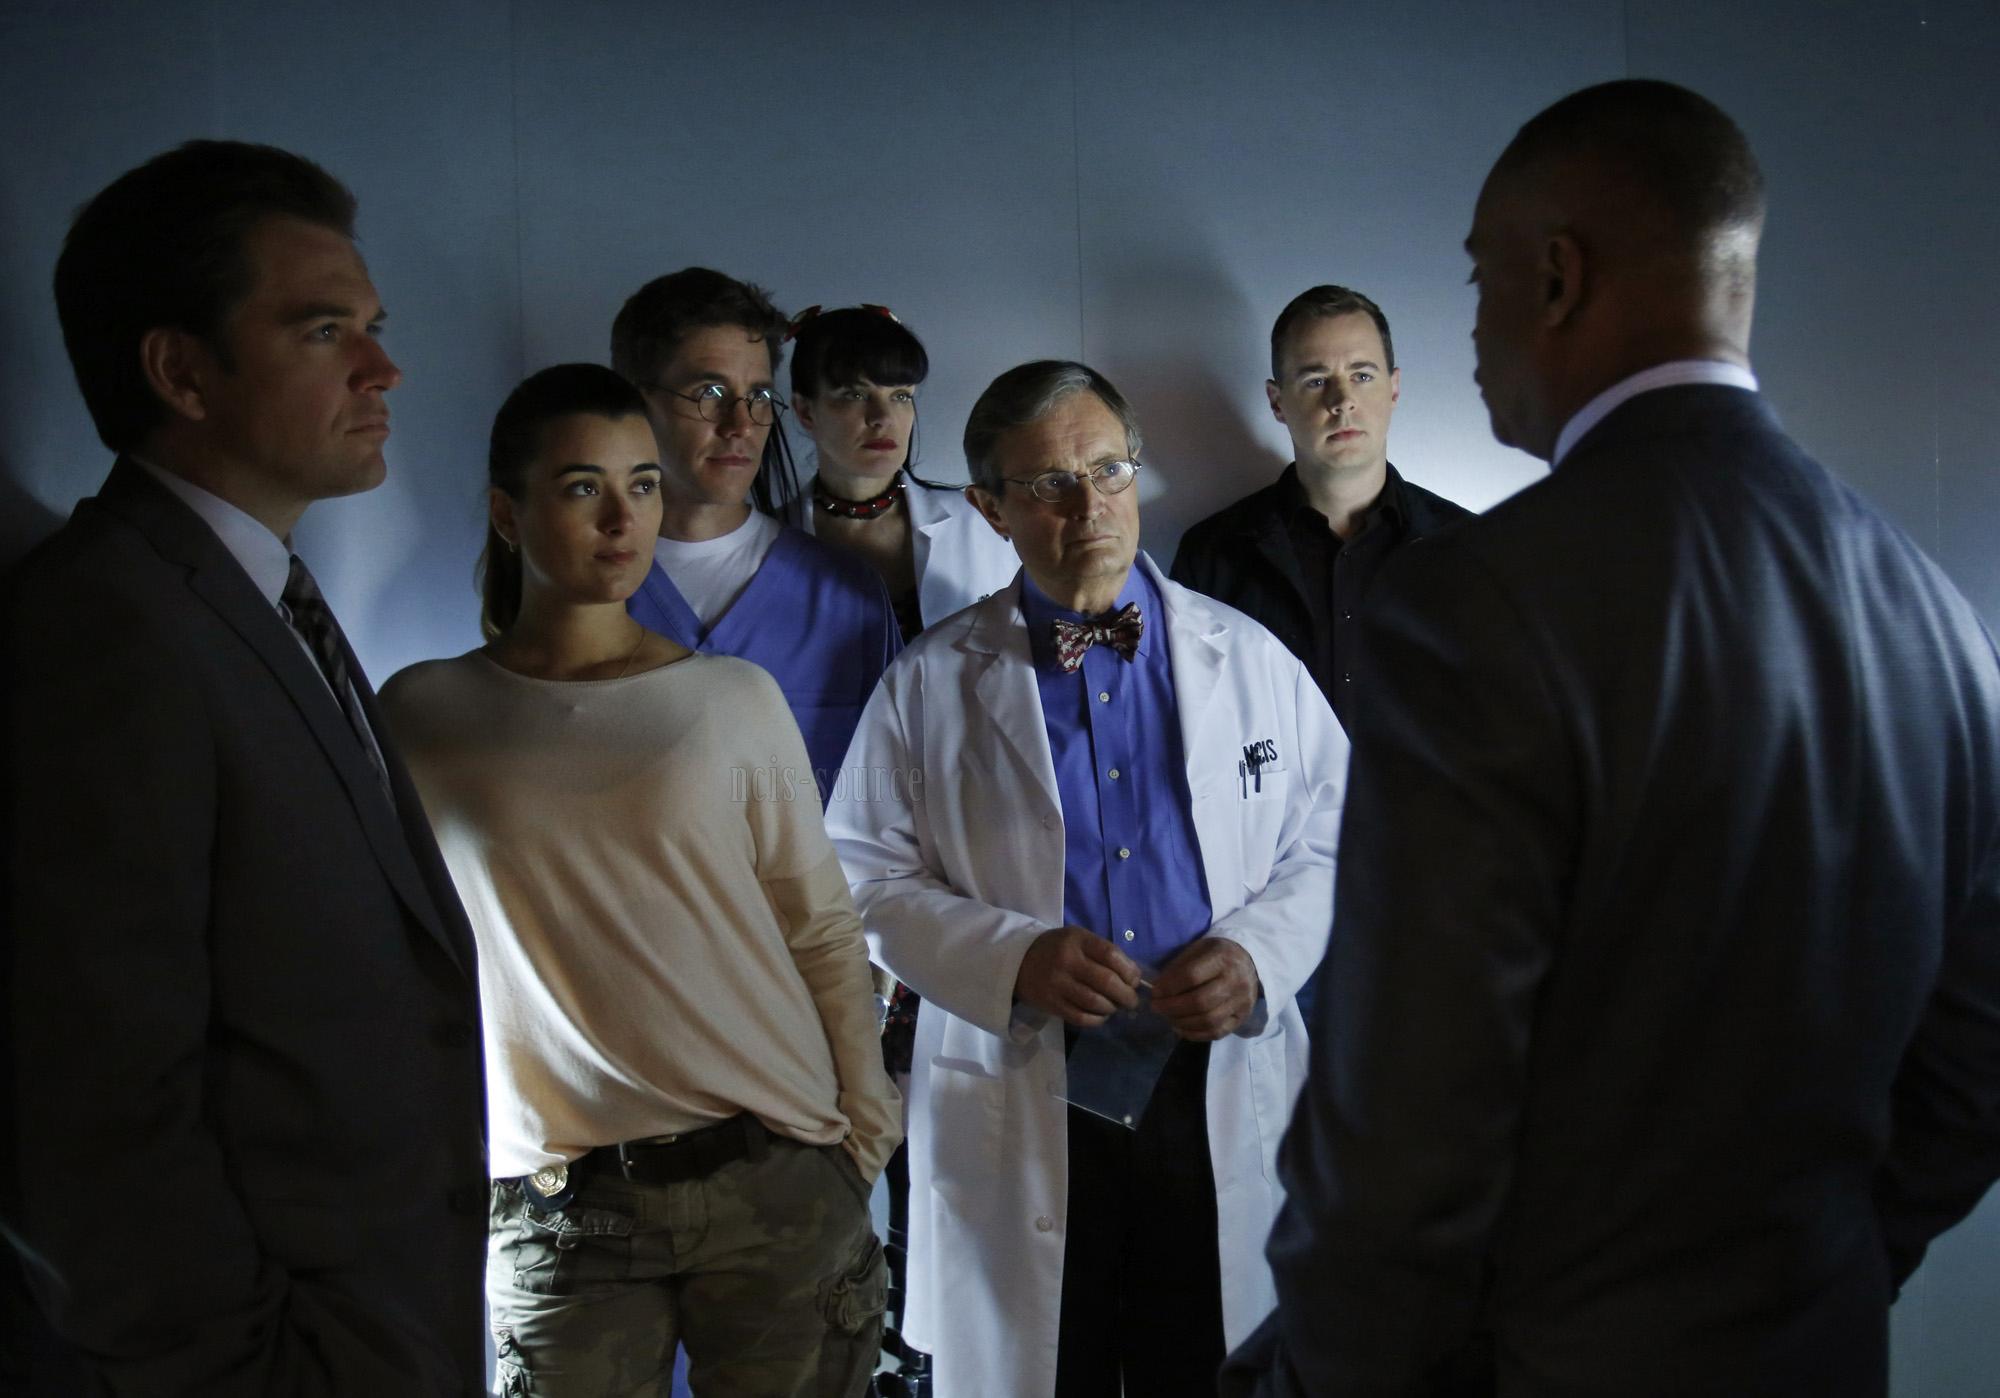 Cote de Pablo (Ziva David) NCIS Enquêtes spéciales 10x24 Damned If toi Do - episode stills